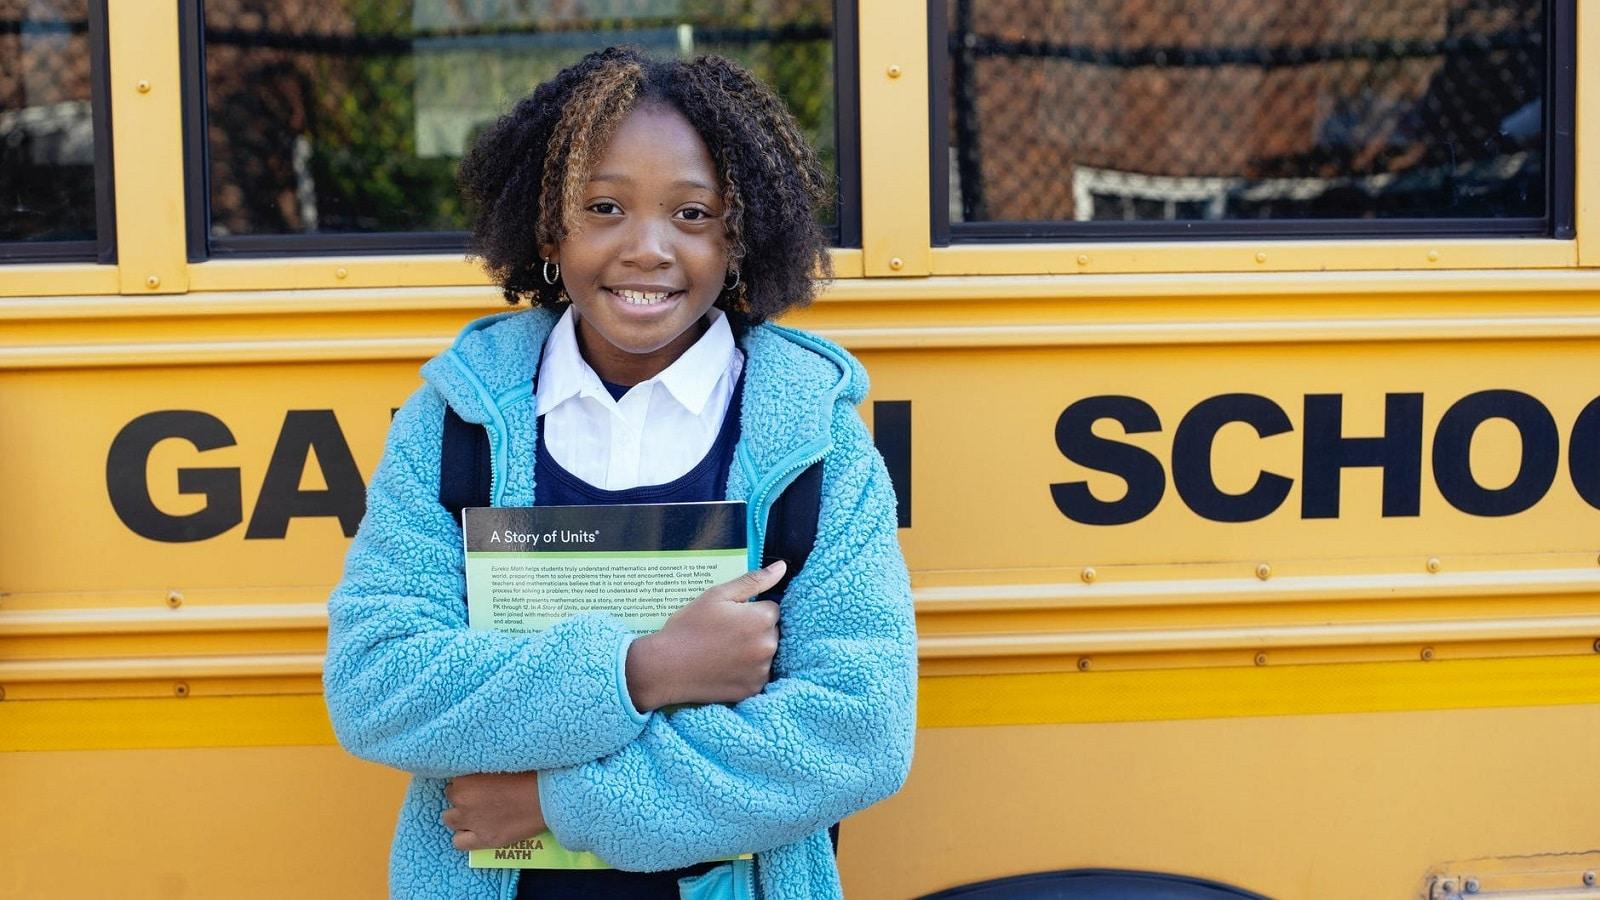 Schoolgirl hugging textbook in front of yellow school bus